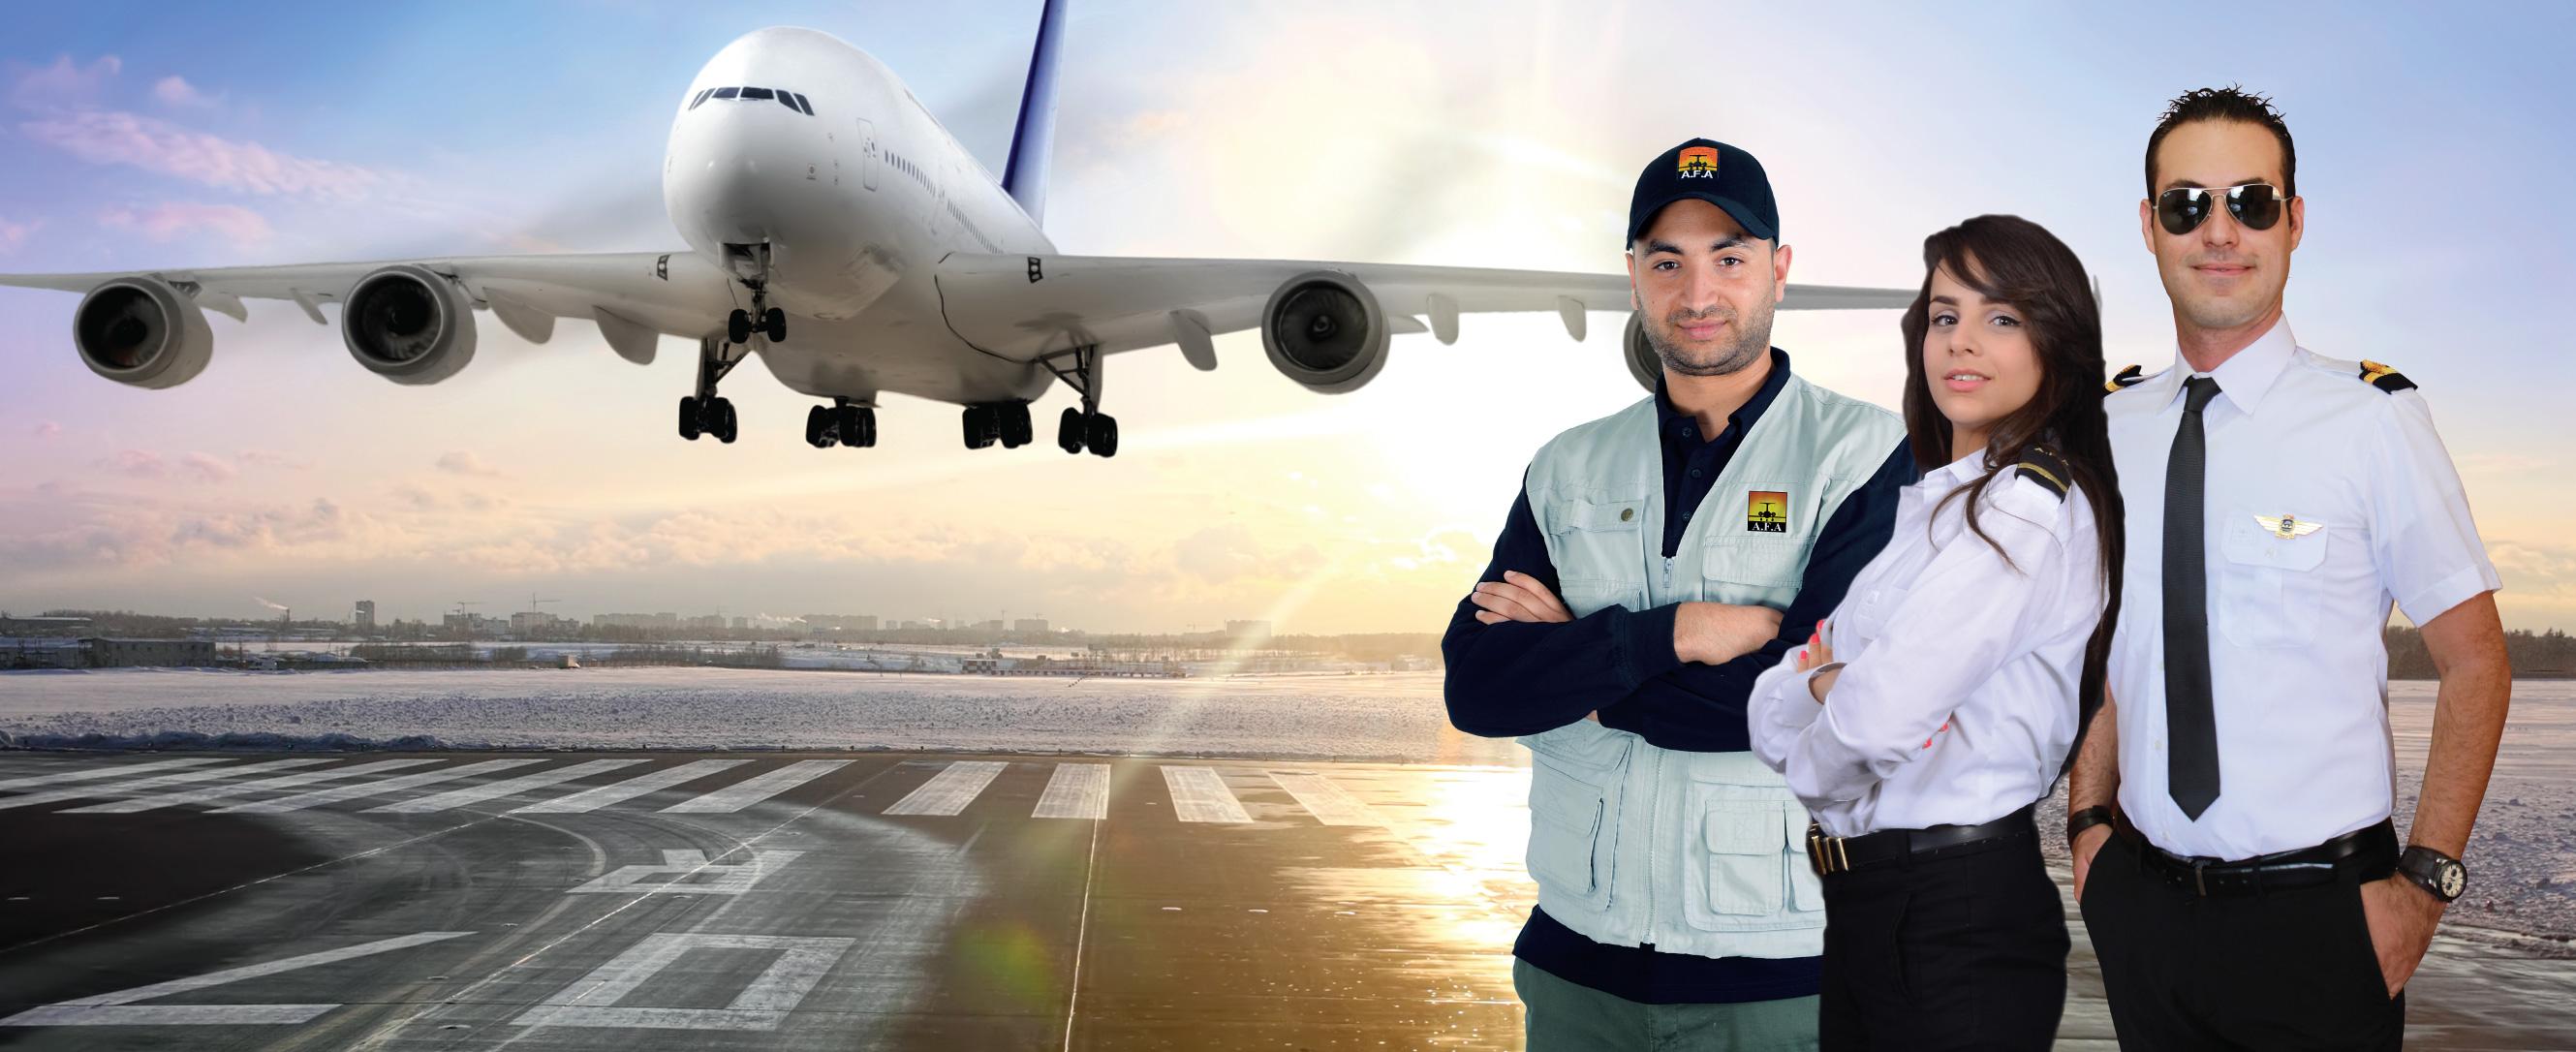 Airline Flight Academy, première école d'aéronautique en Tunisie et en Afrique. Aviation, pilote de ligne, mécanicien, avion, chef Avion, Agent technique d'exploitation, AFA, diplôme ICAO, diplôme EASA, européen, internationale